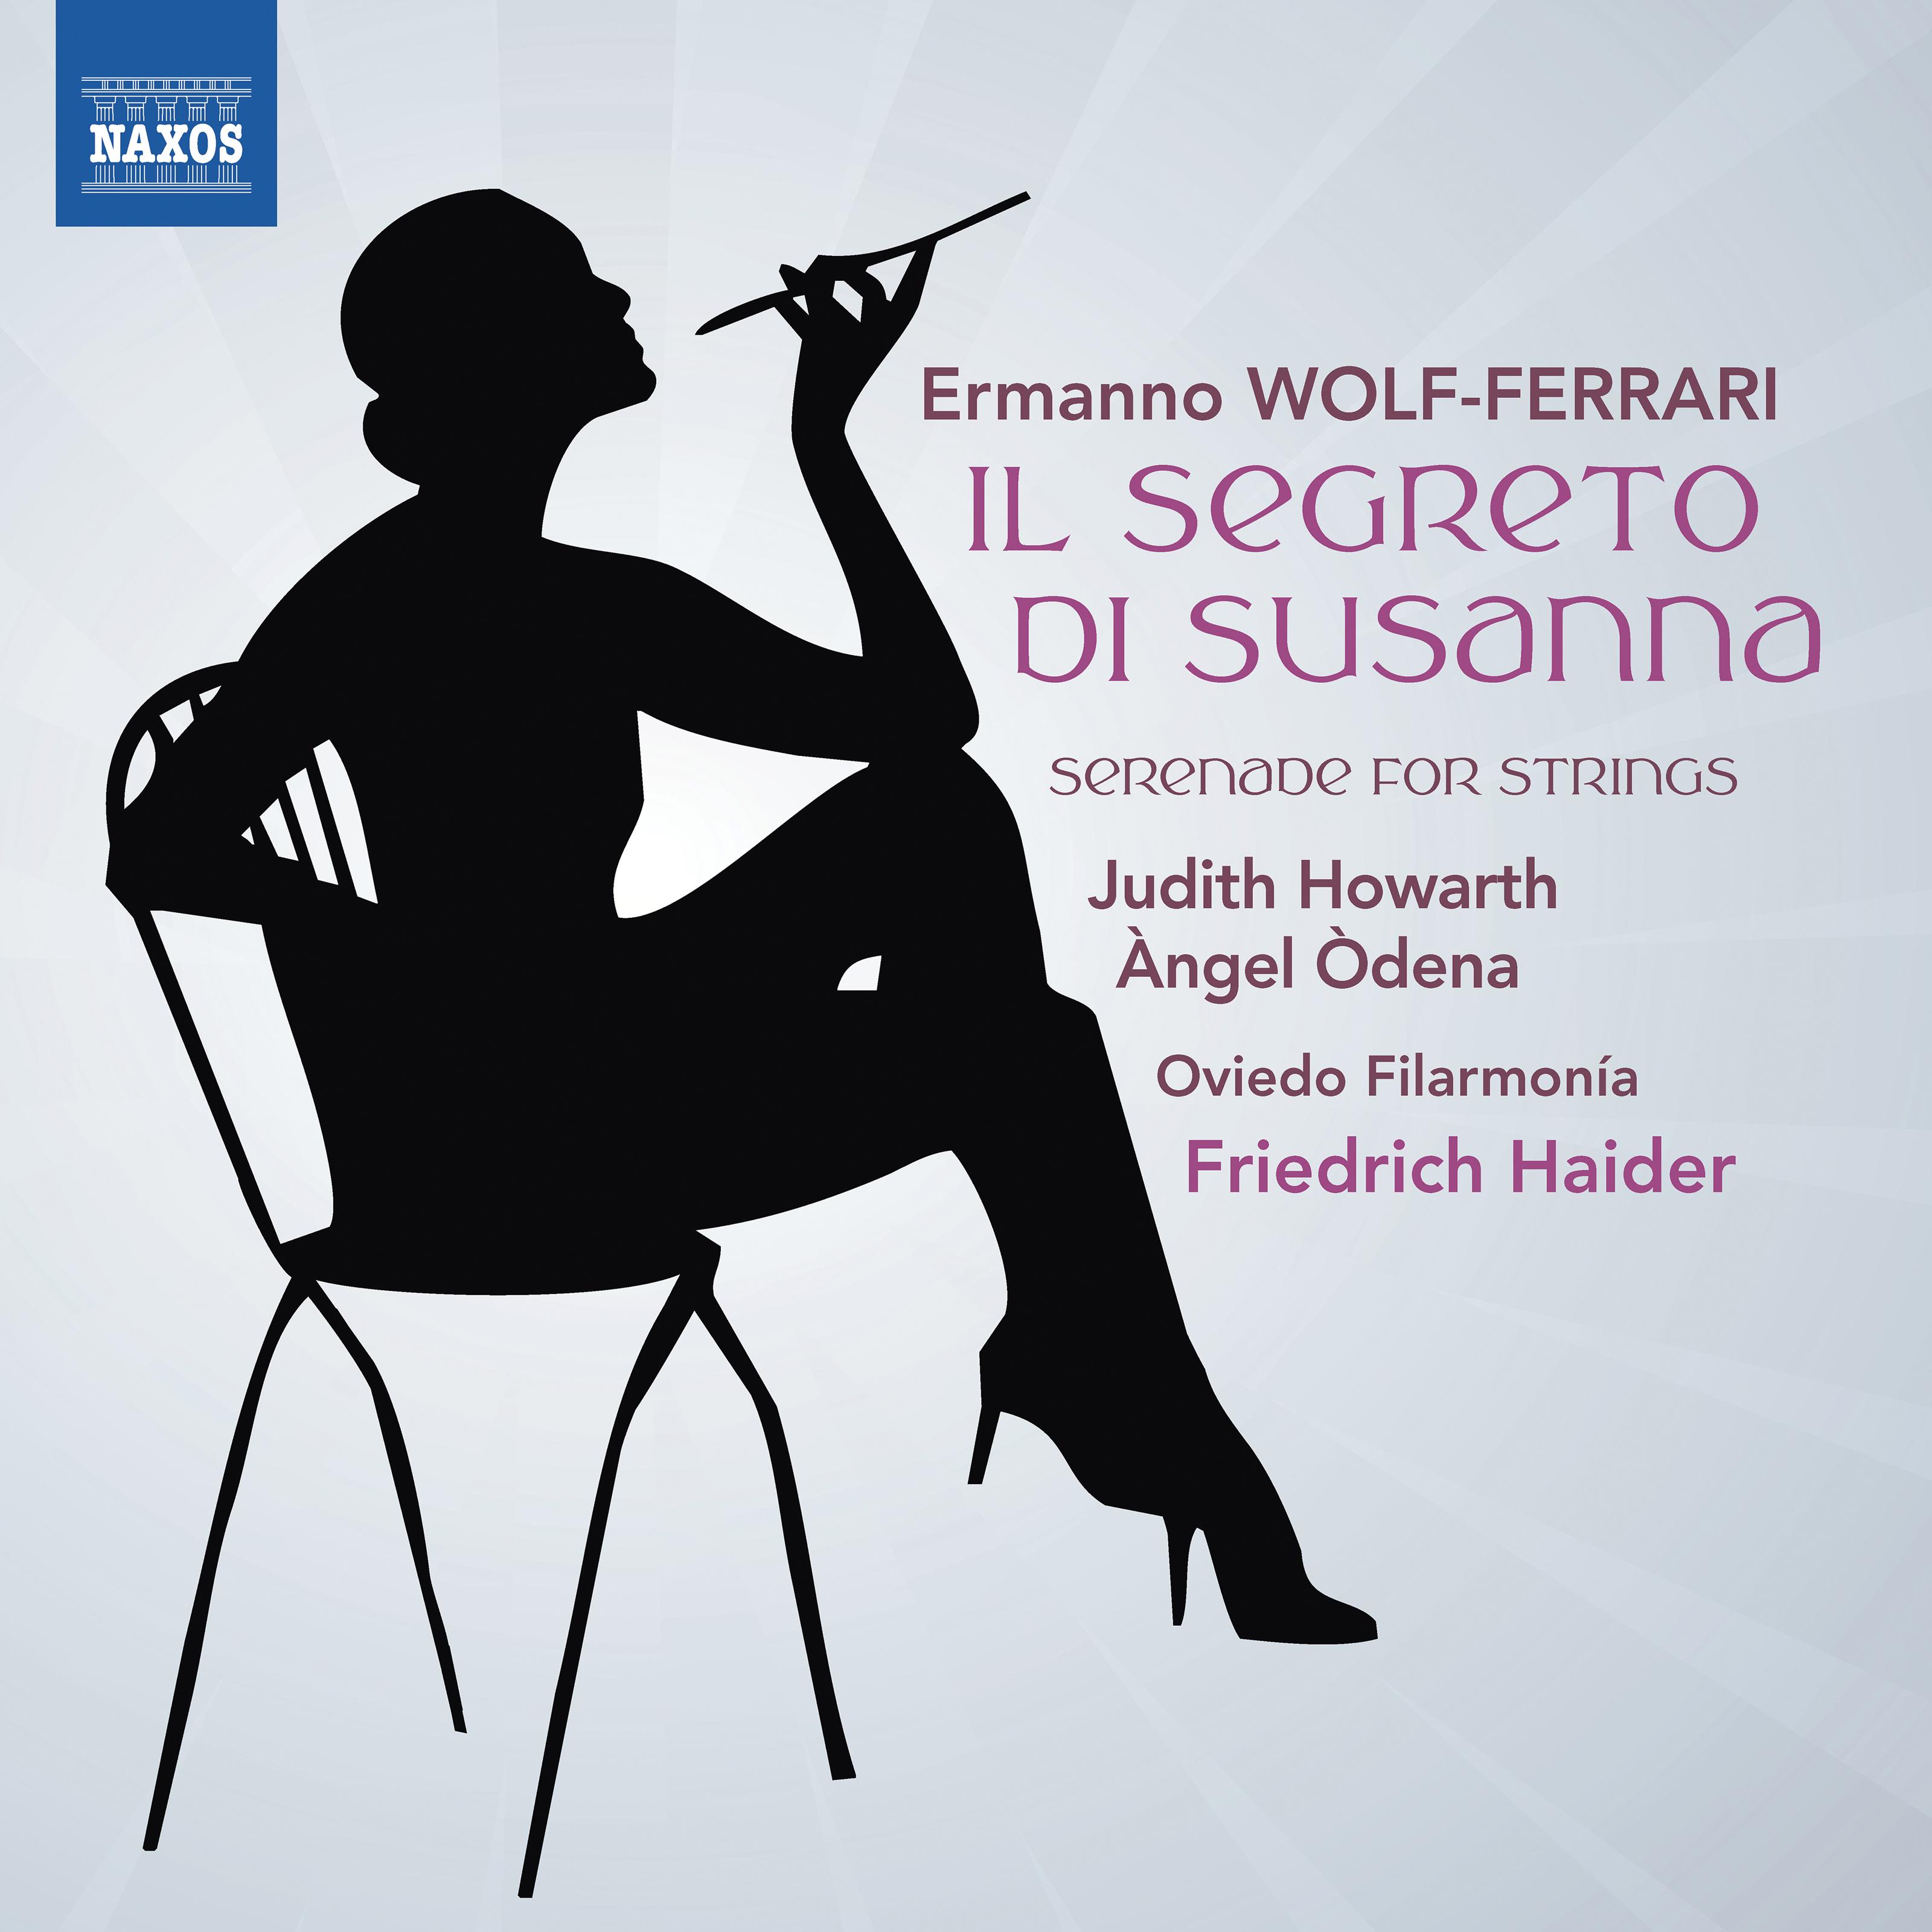 Wolf-Ferrari: Il Segreto di Susanna - Serenade for Strings in E-Flat Major